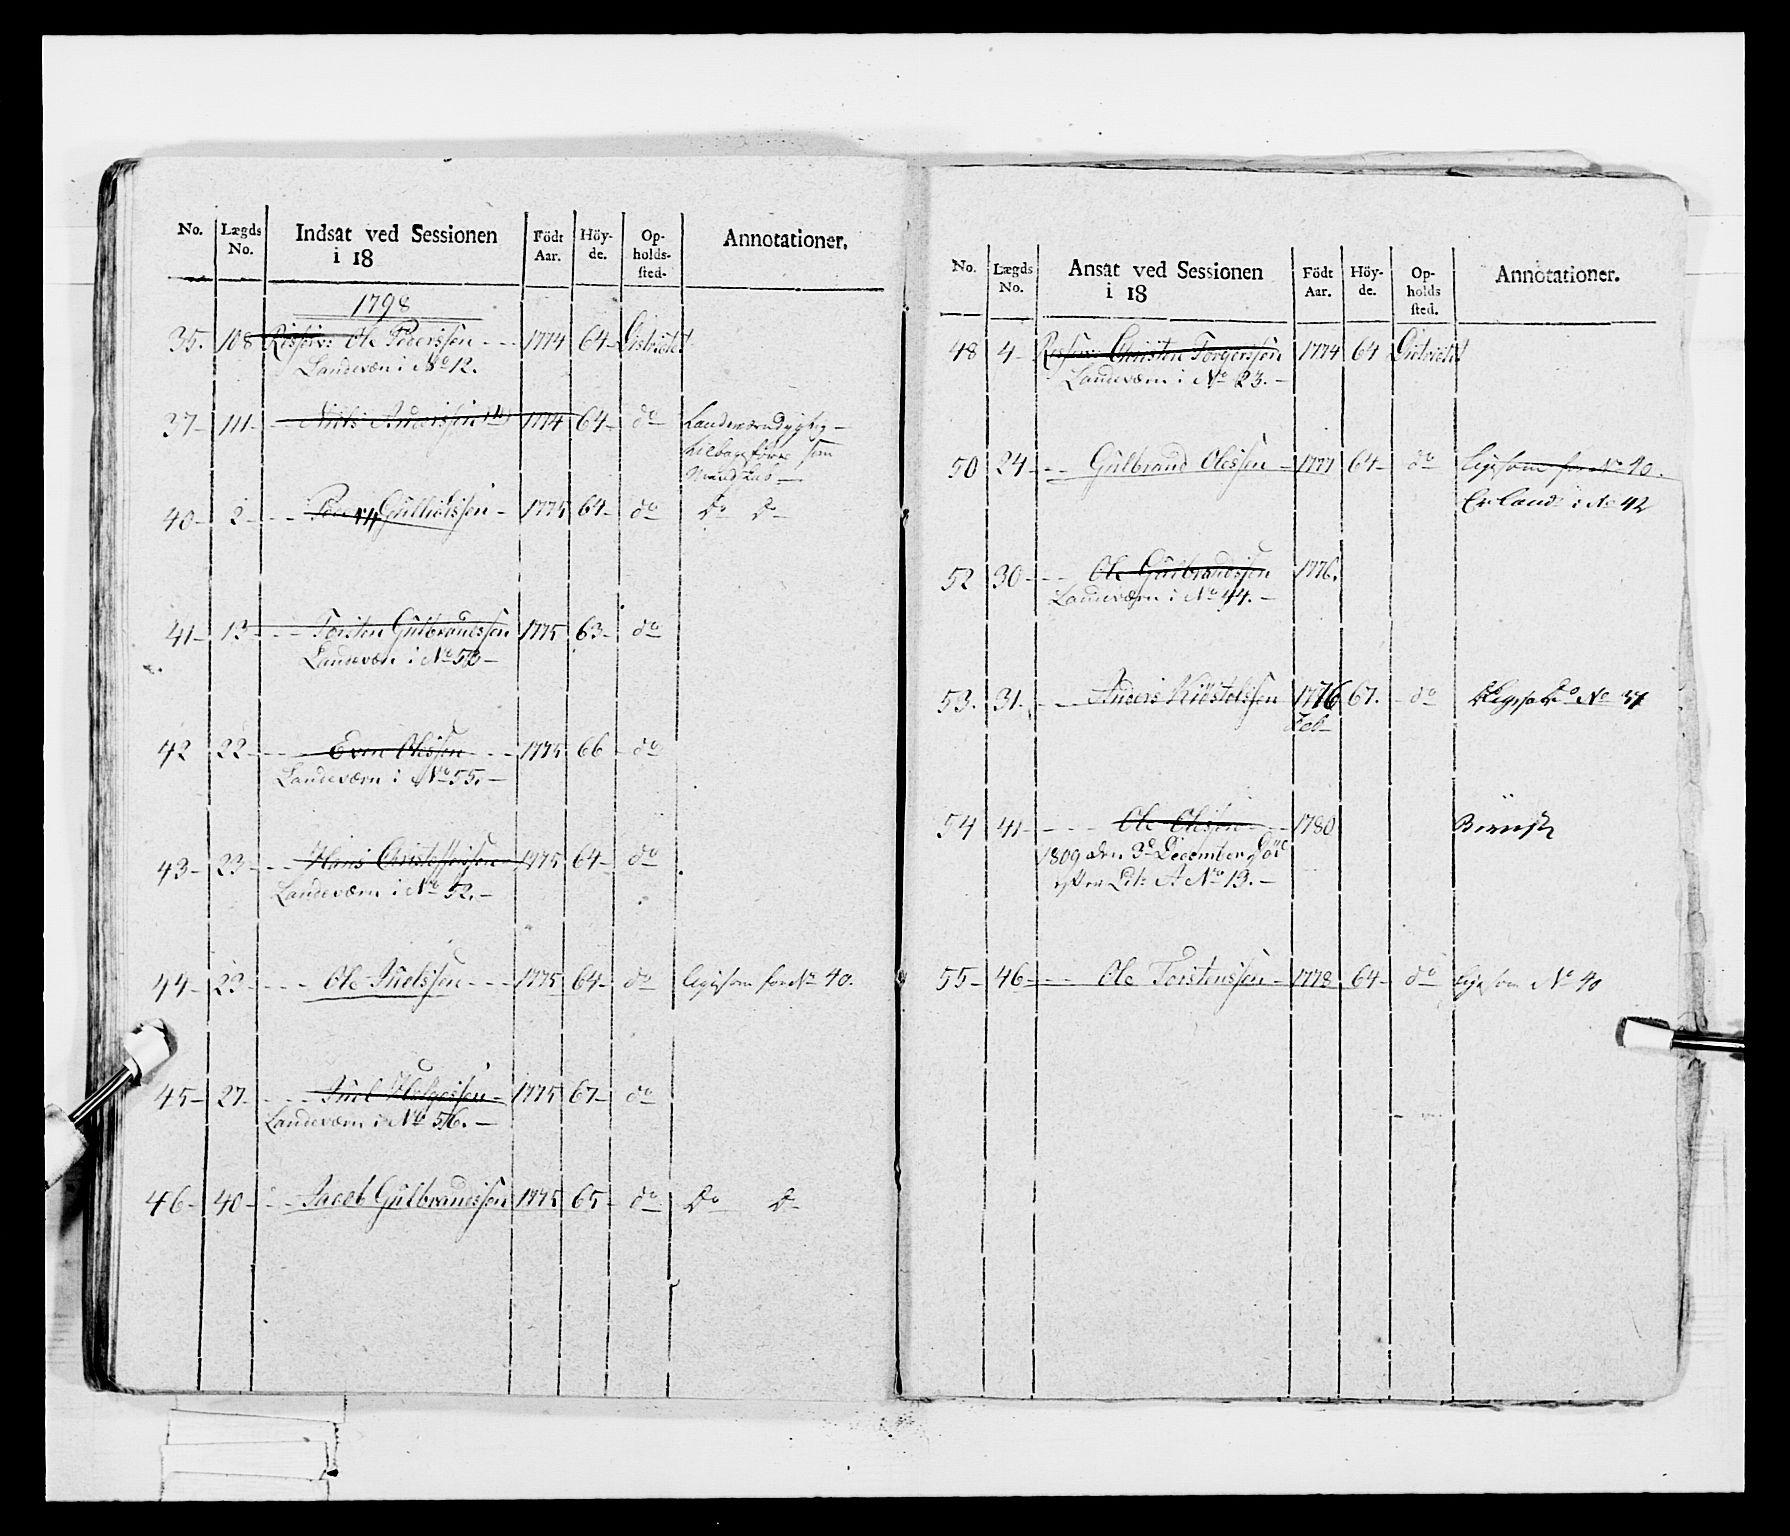 RA, Generalitets- og kommissariatskollegiet, Det kongelige norske kommissariatskollegium, E/Eh/L0047: 2. Akershusiske nasjonale infanteriregiment, 1791-1810, s. 563